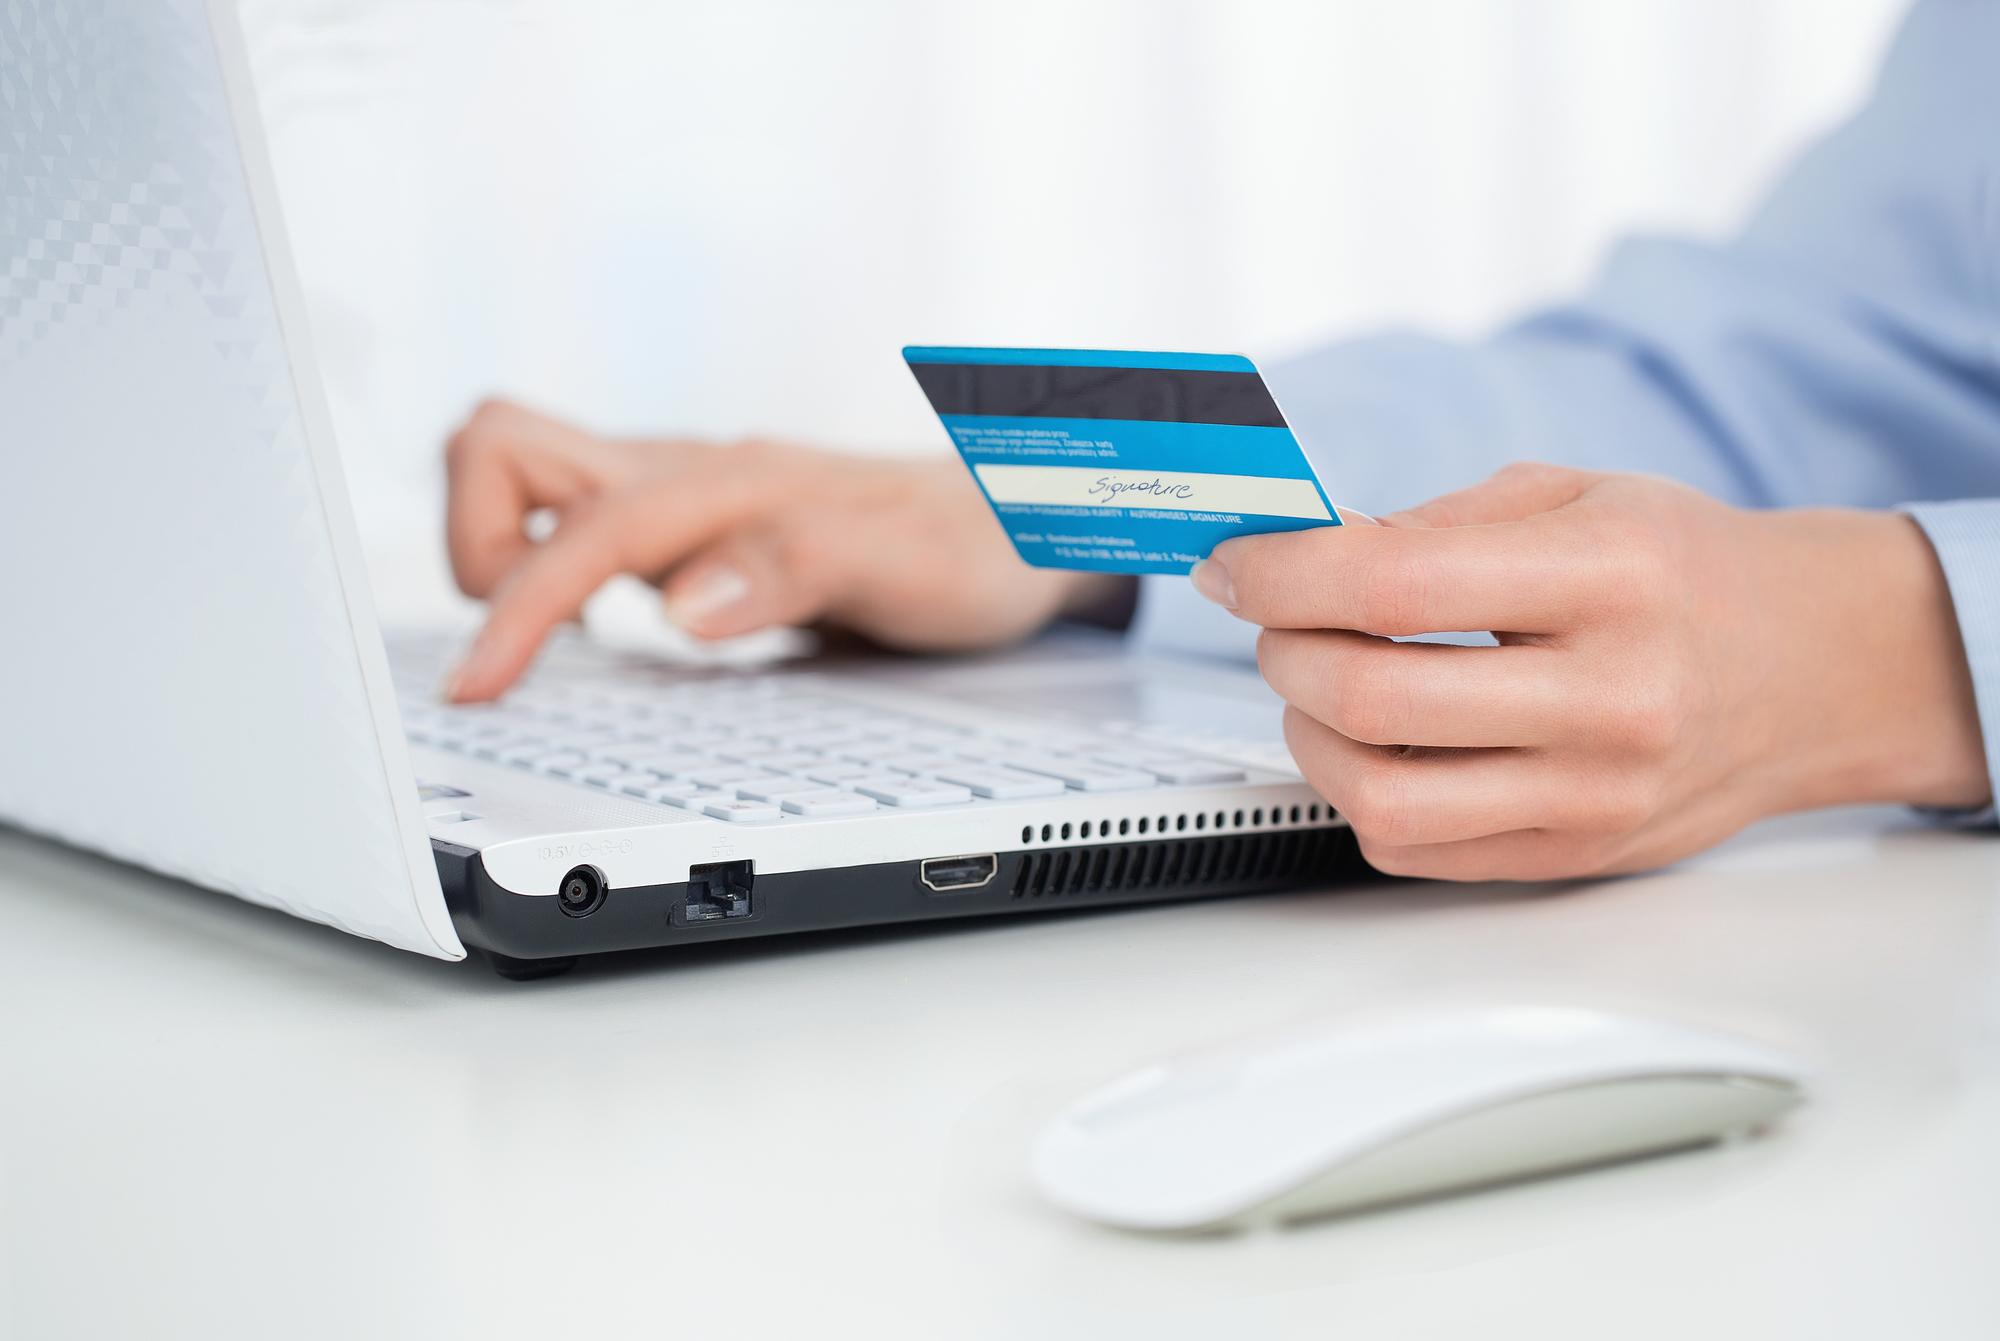 взять кредит пенсионеру в почта банке без поручителей